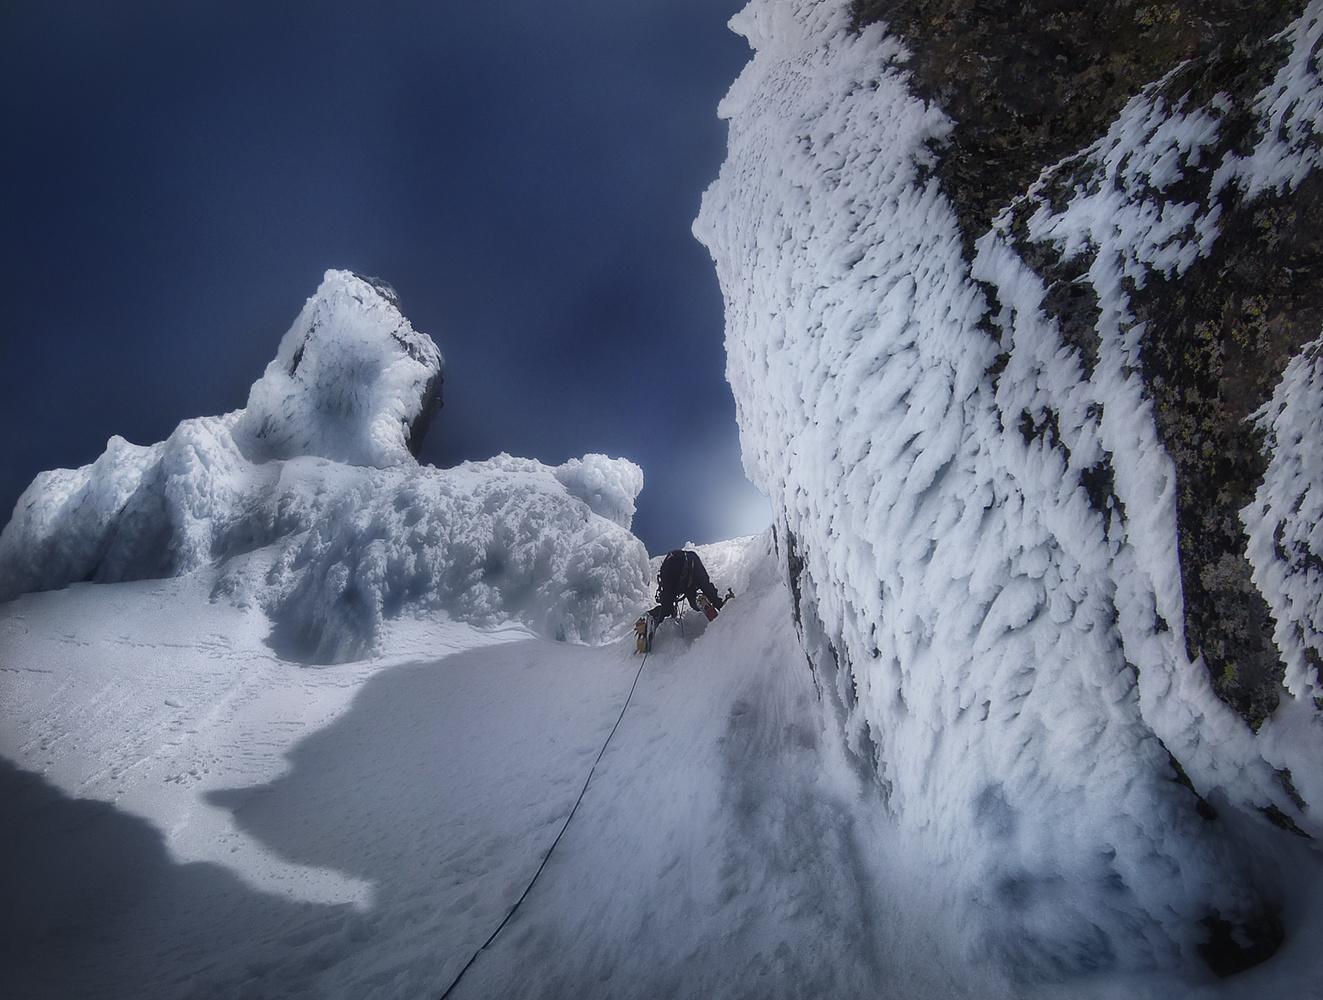 Winter climbing by Rubén Vela Martín